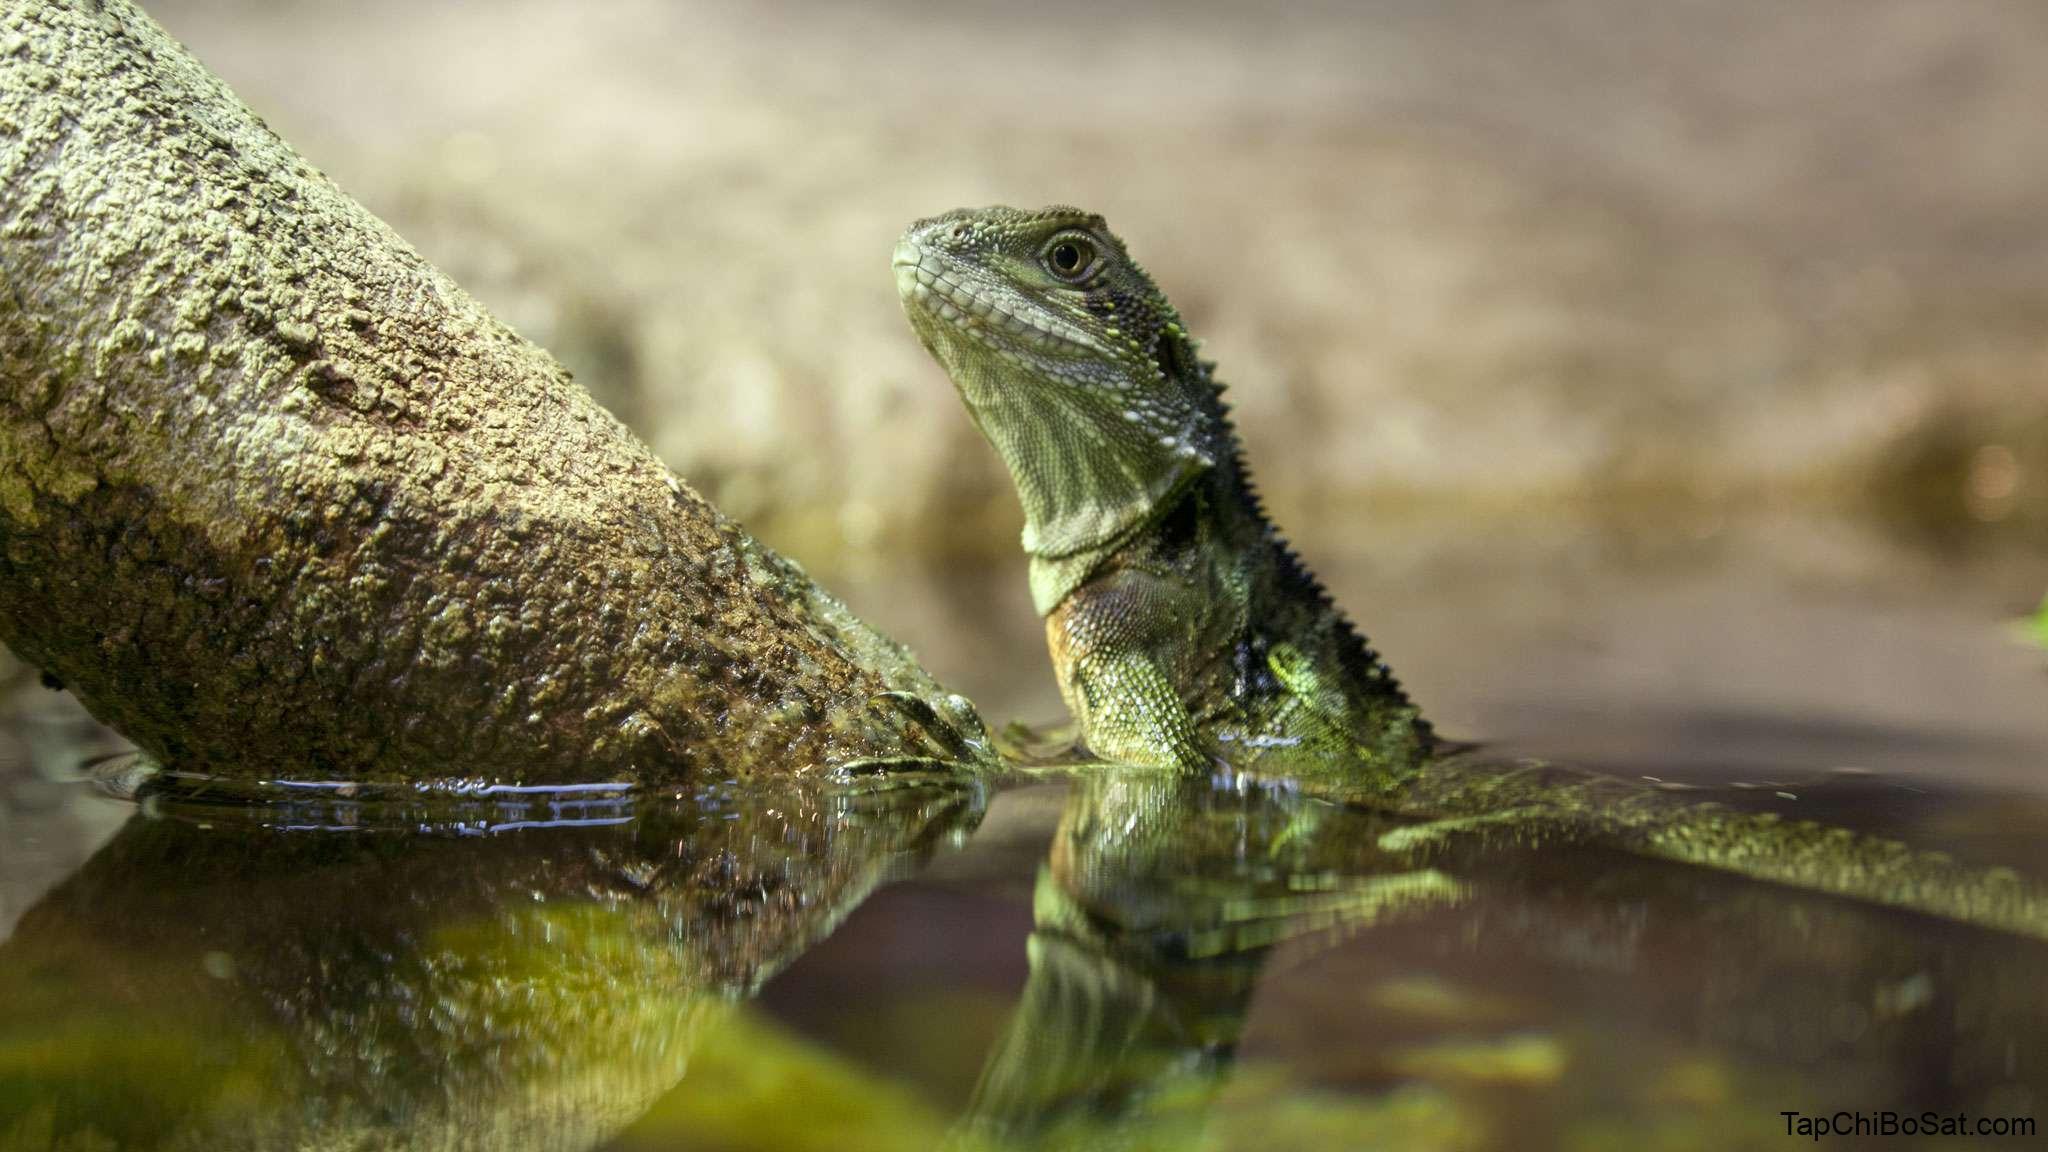 Australian water dragon- Rồng nước Úc